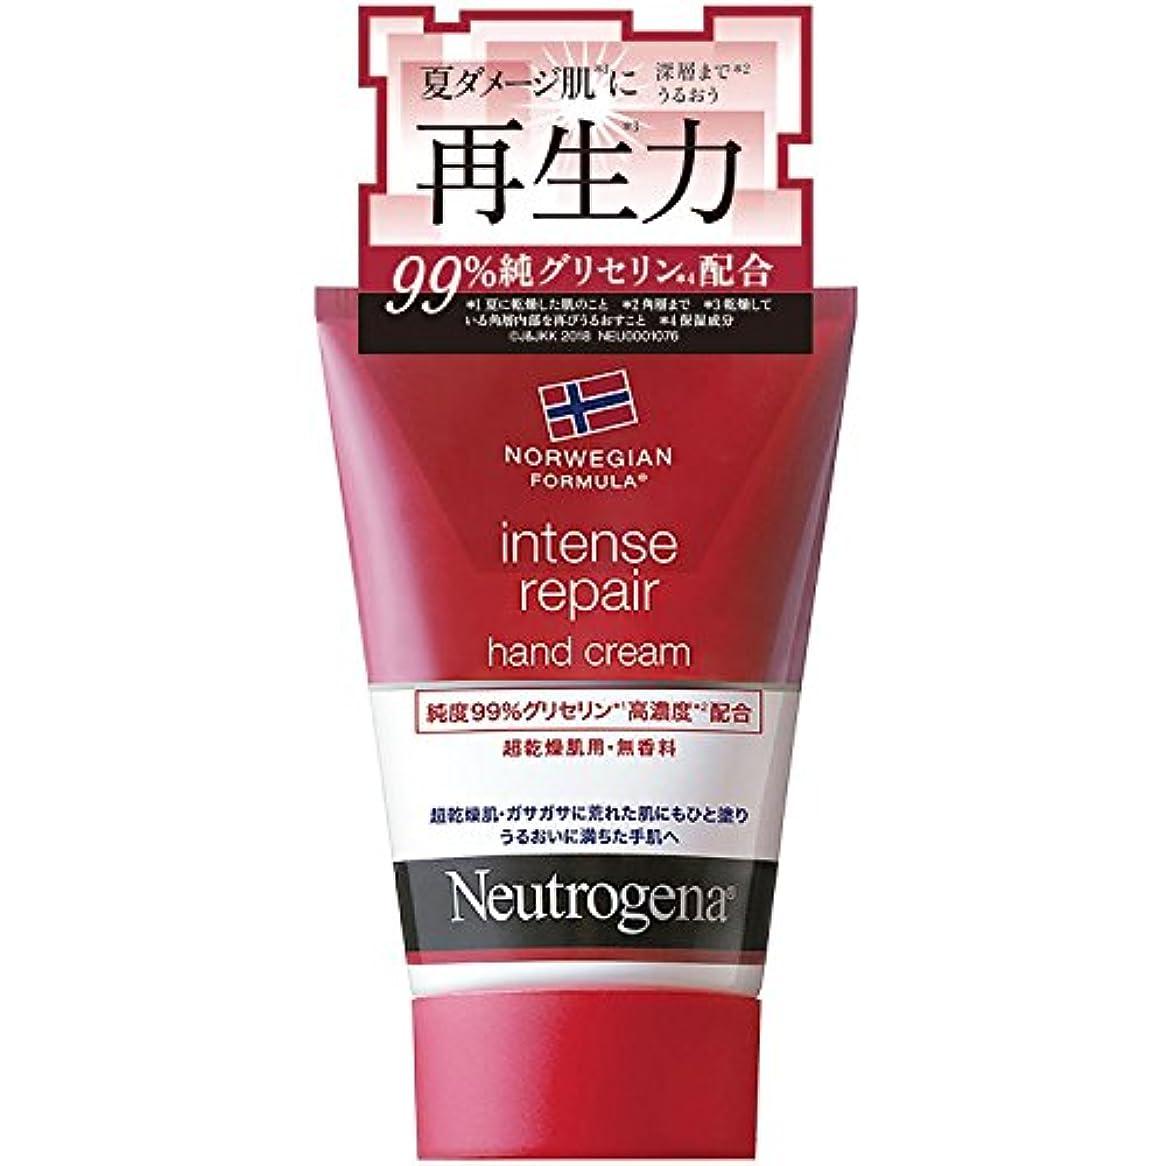 リブ浸食未来Neutrogena(ニュートロジーナ) ノルウェーフォーミュラ インテンスリペア ハンドクリーム 超乾燥肌用 無香料 単品 50g